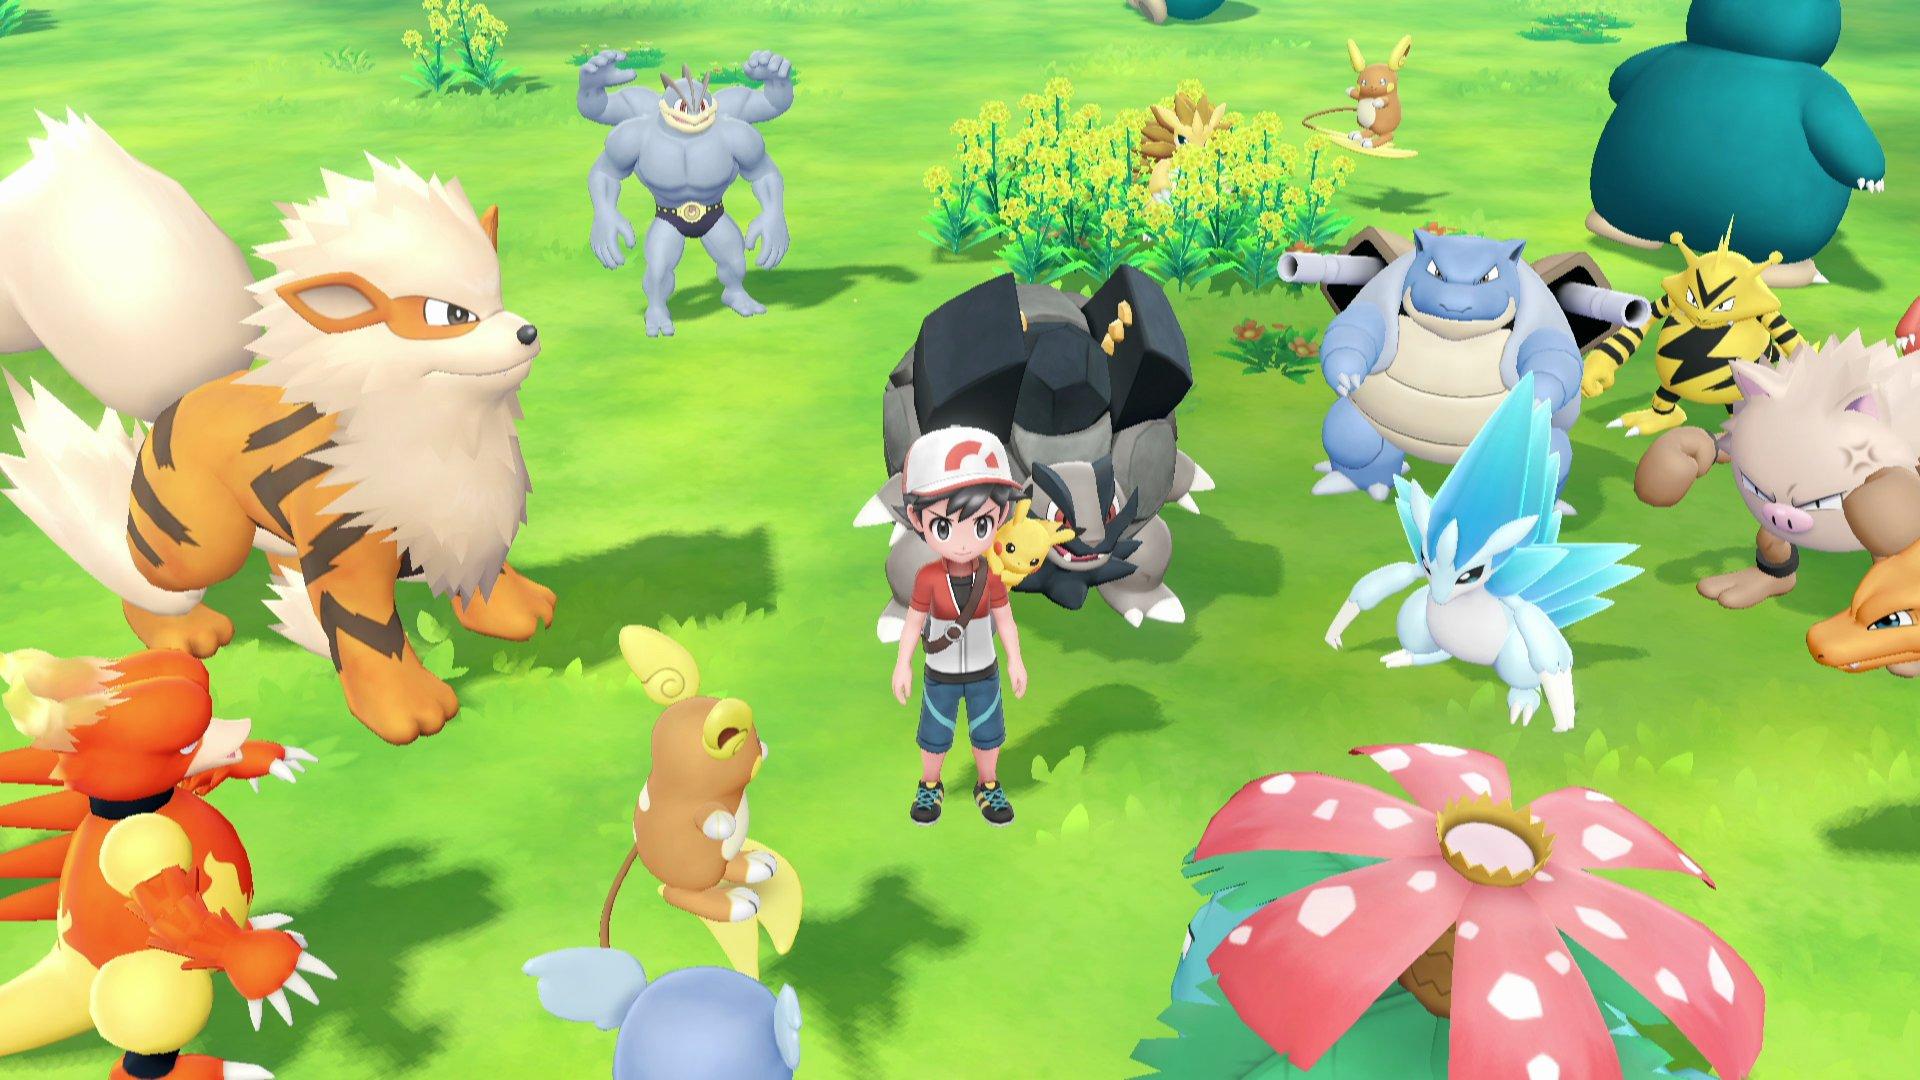 Pokenews Nov 14 Pokemon Let S Go Pikachu Let S Go Eevee